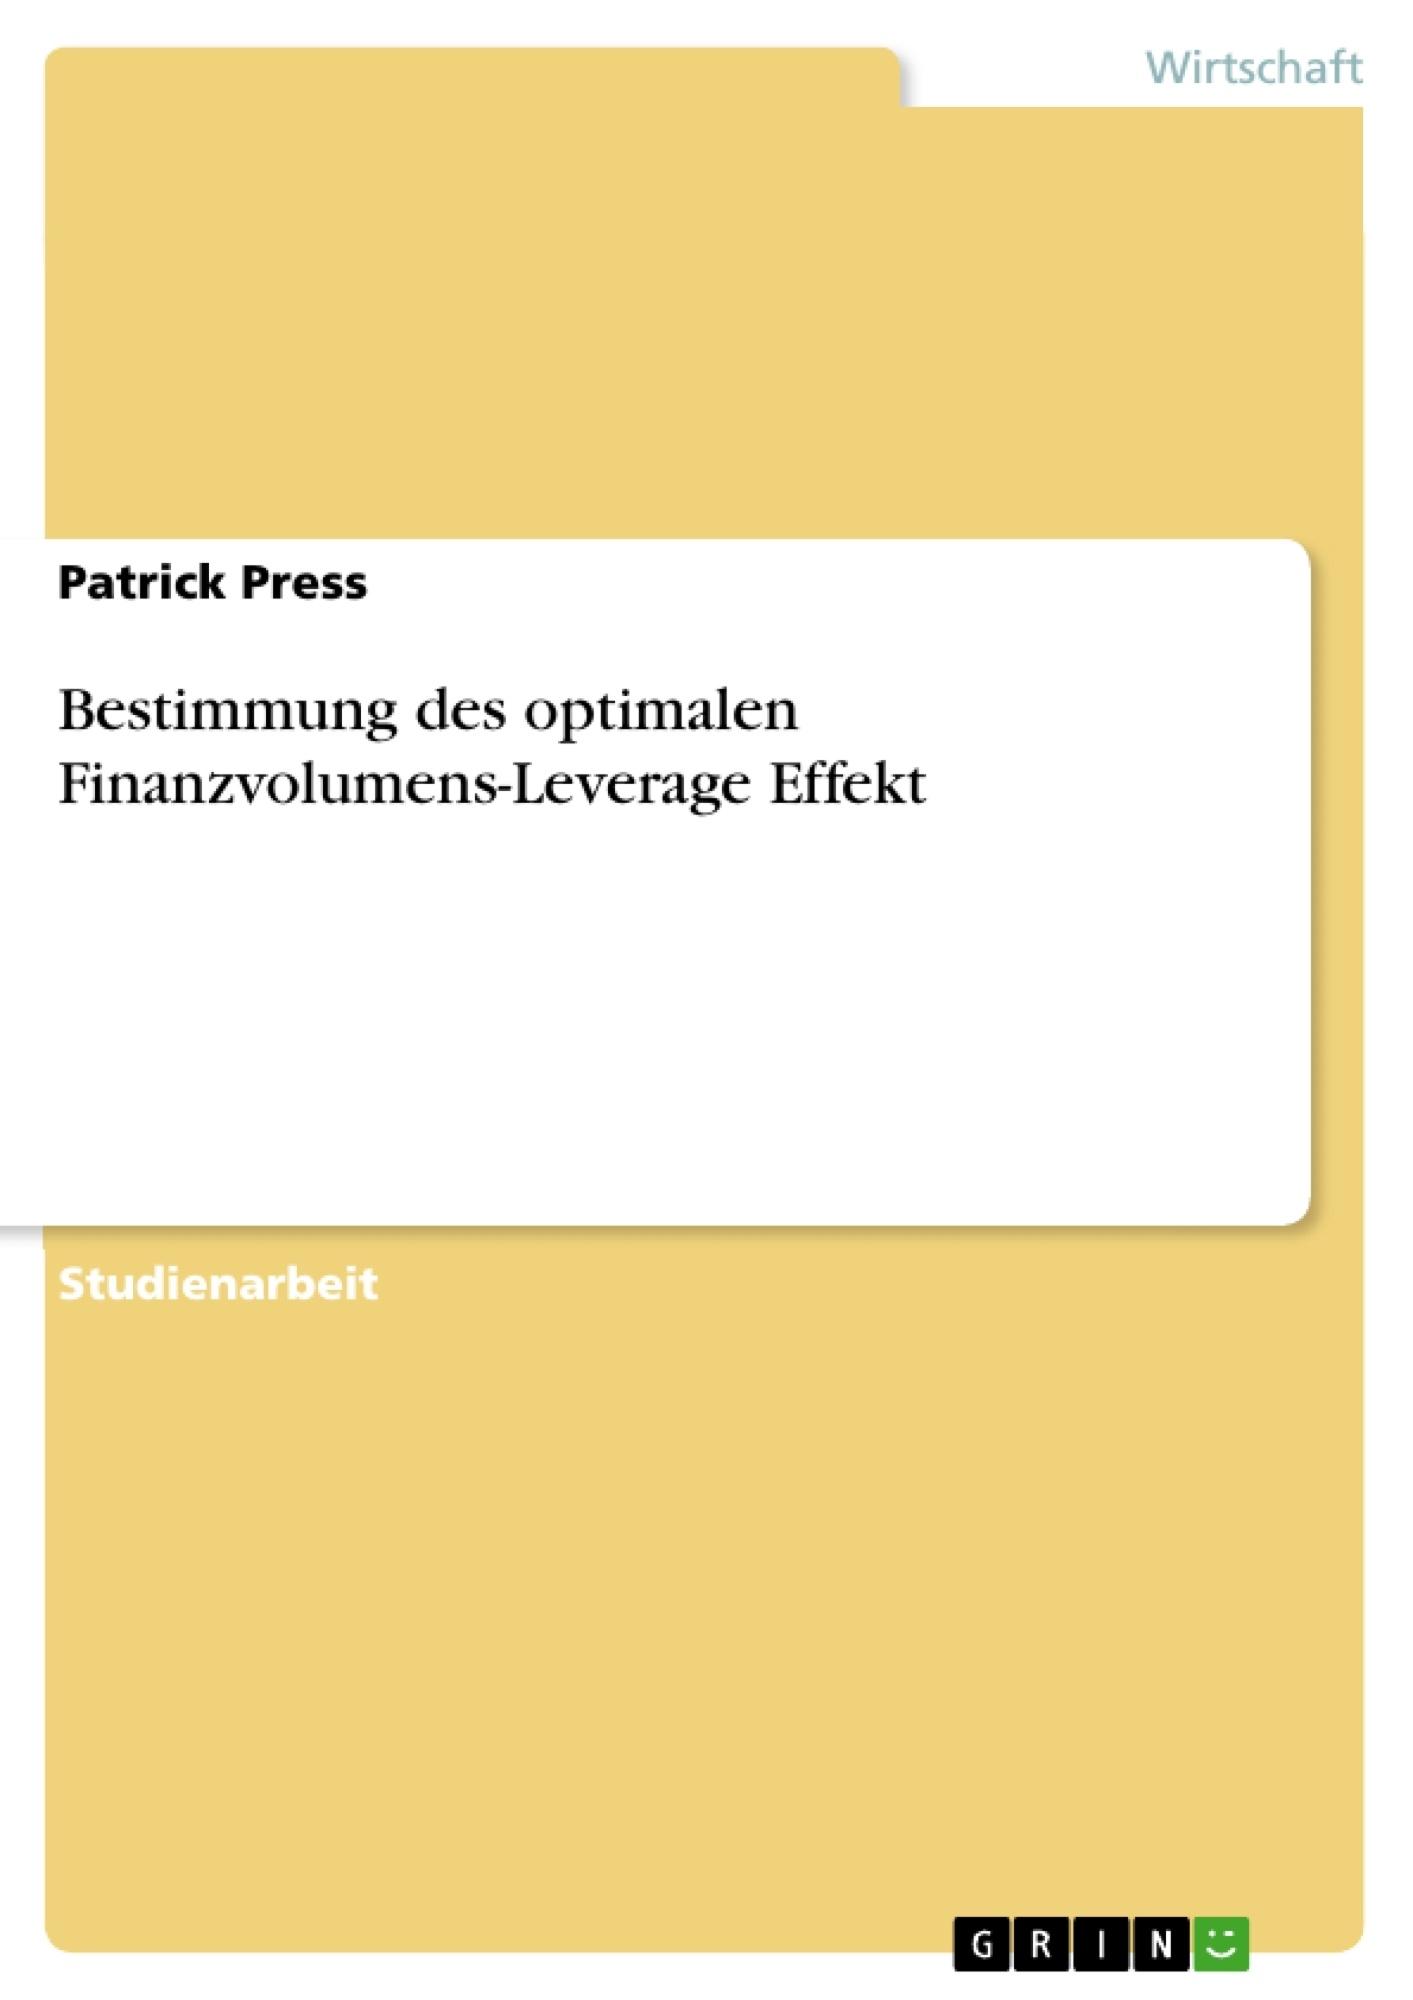 Titel: Bestimmung des optimalen Finanzvolumens-Leverage Effekt